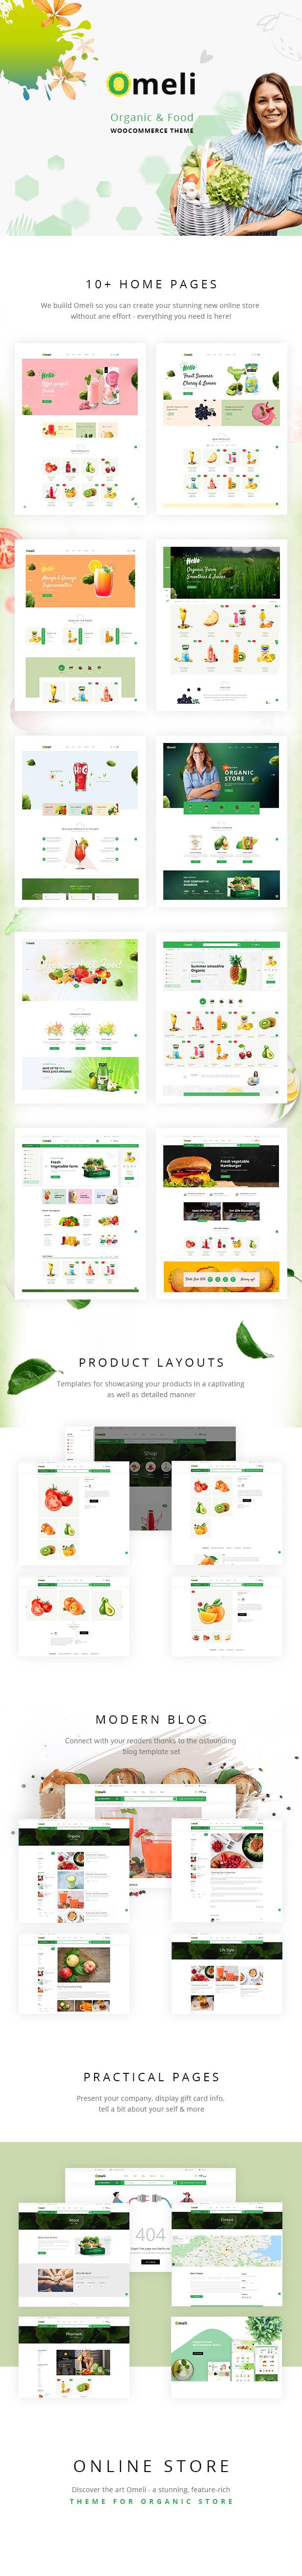 Omeli - Organic WooCommerce WordPress Theme - 1